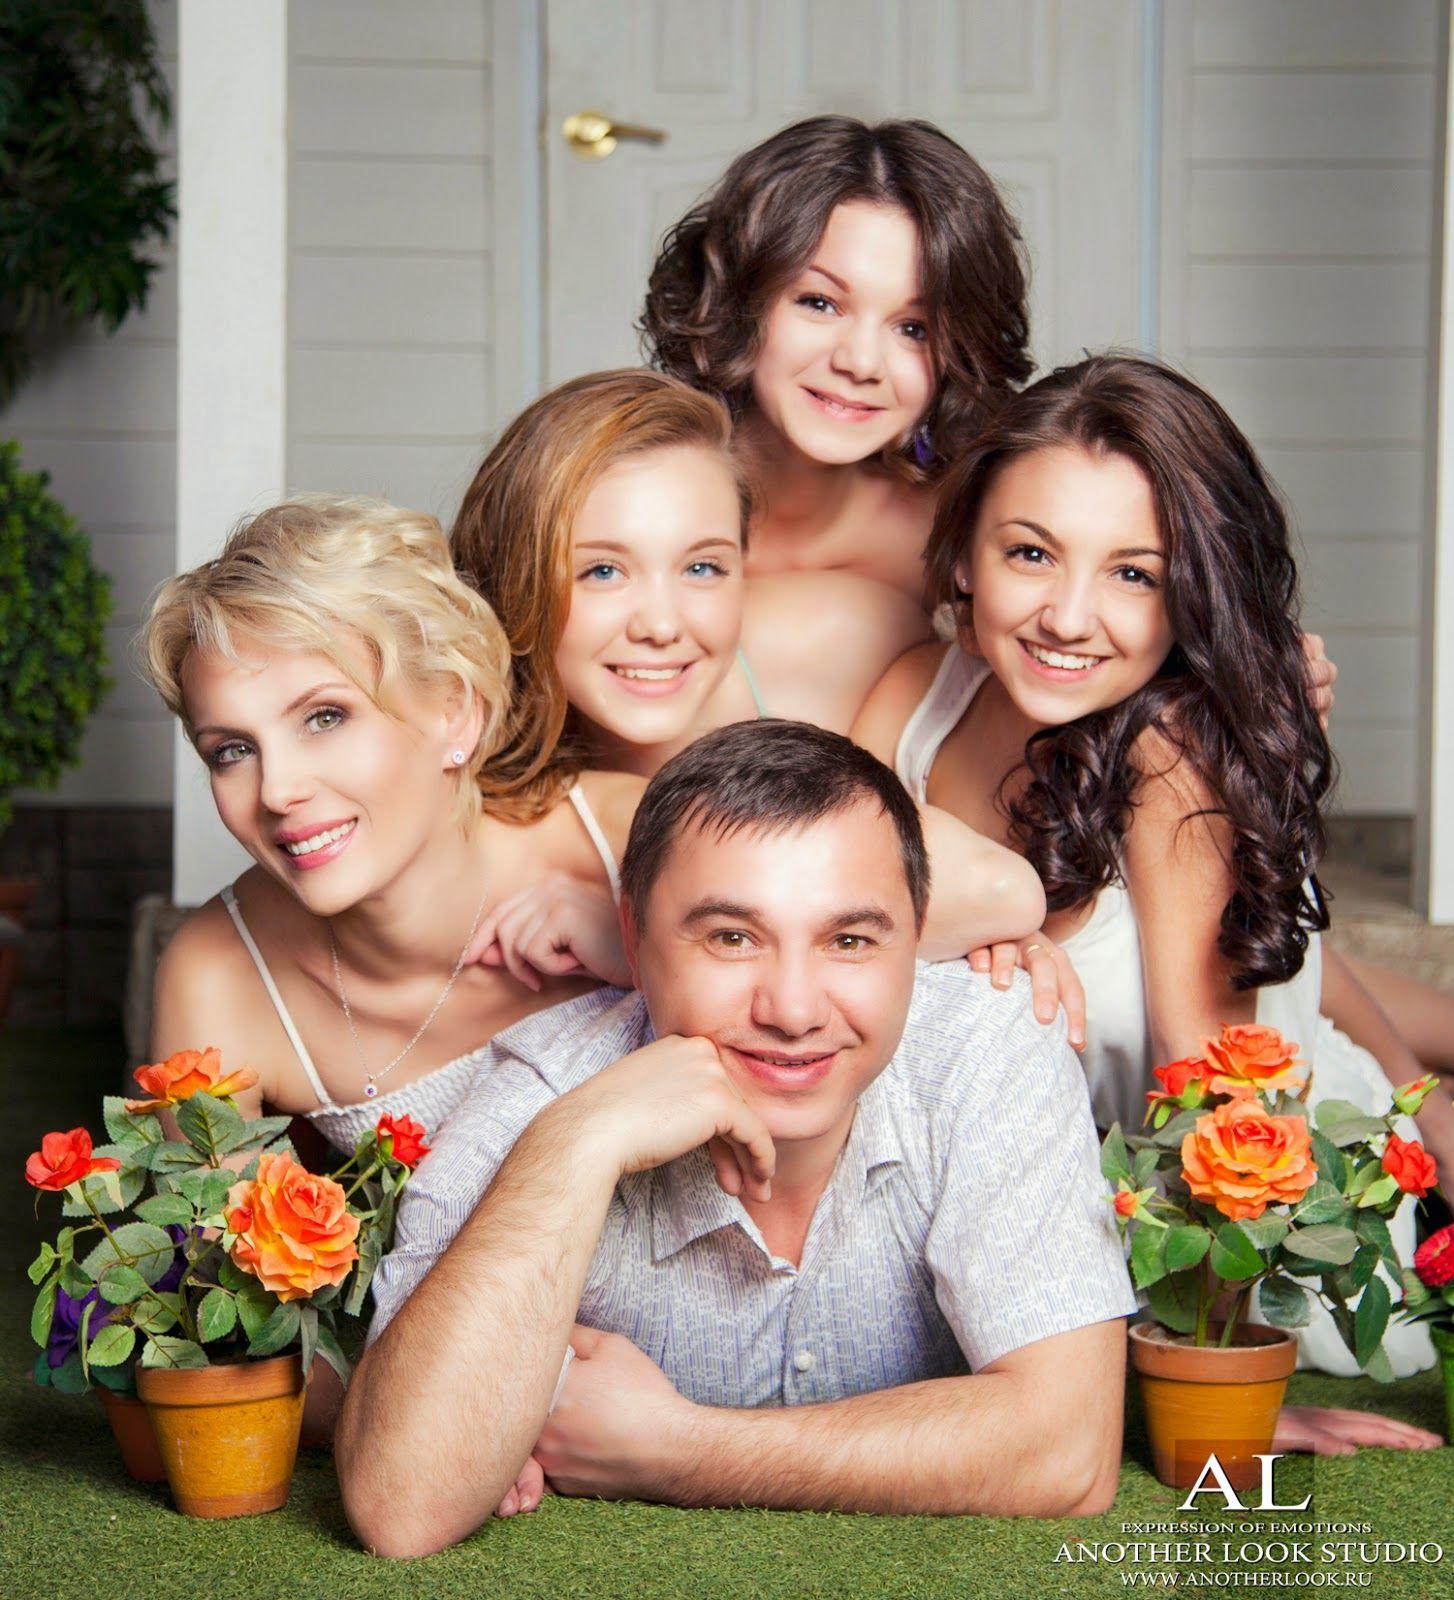 мужем профессиональная съемка семьи фото поленитесь, подберите